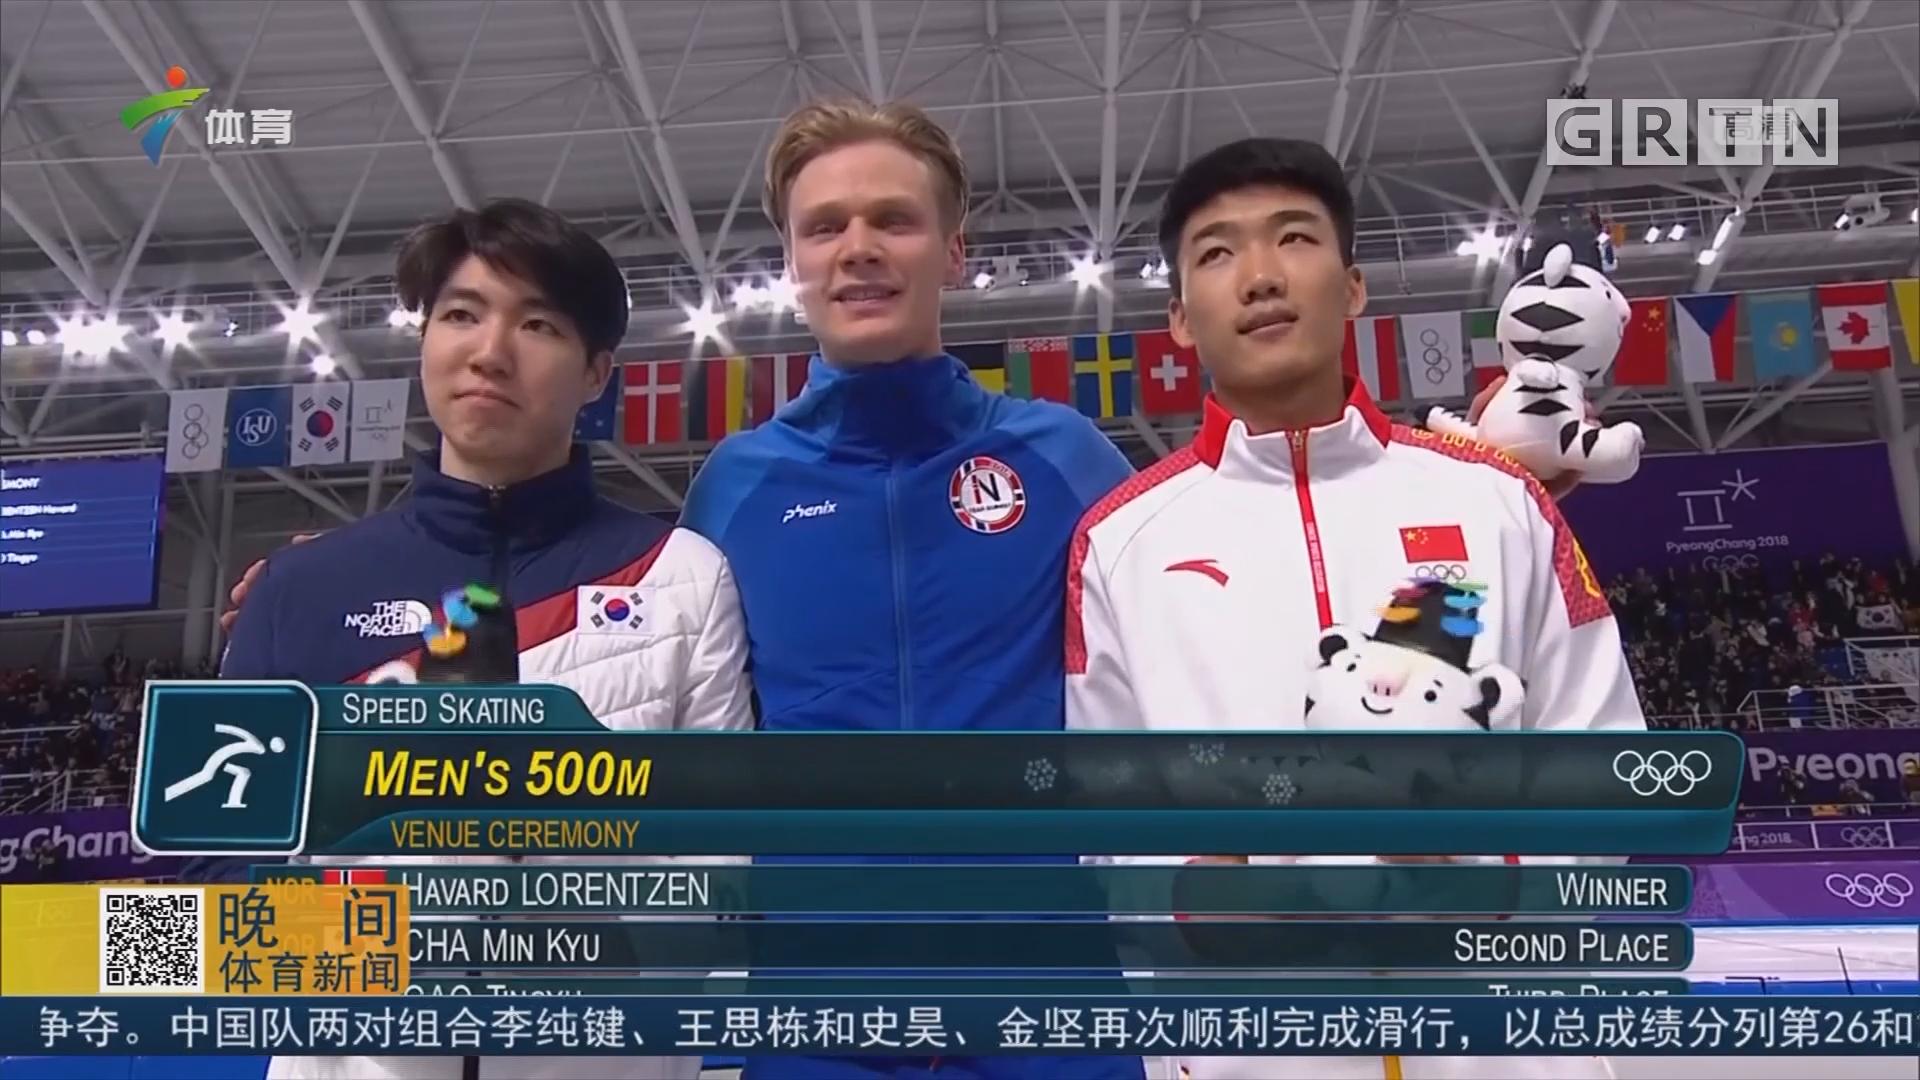 冬奥男子速滑500米 高亭宇摘铜